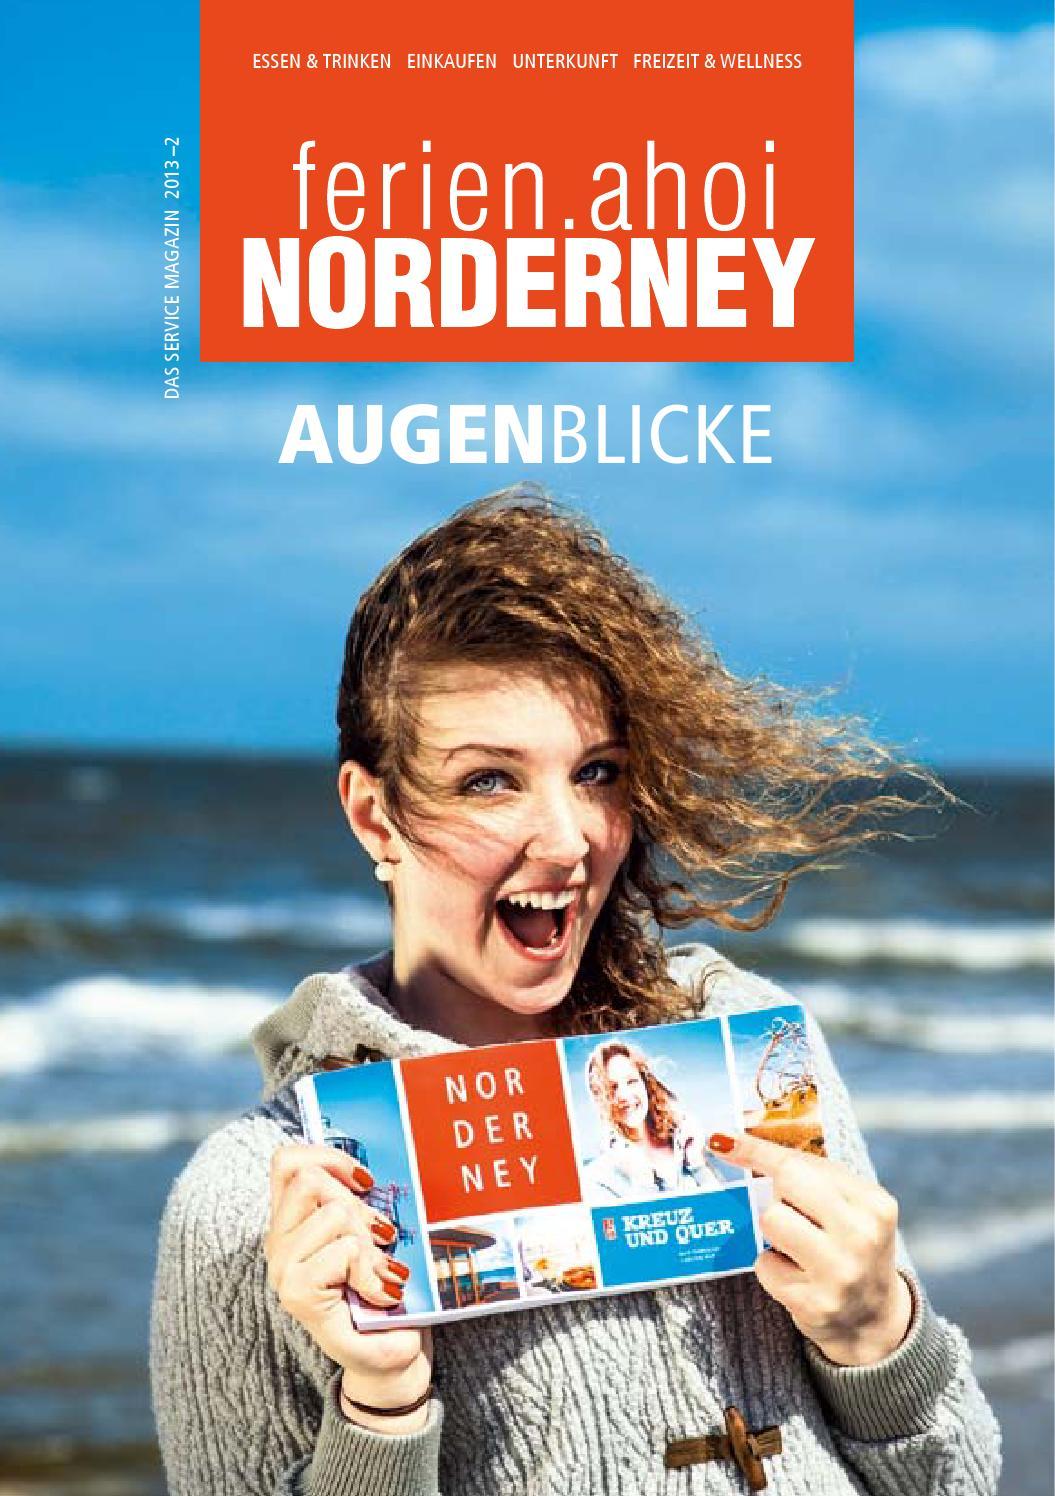 ferien.ahoi Norderney Magazin 2013 // 2 by ferien.ahoi - issuu